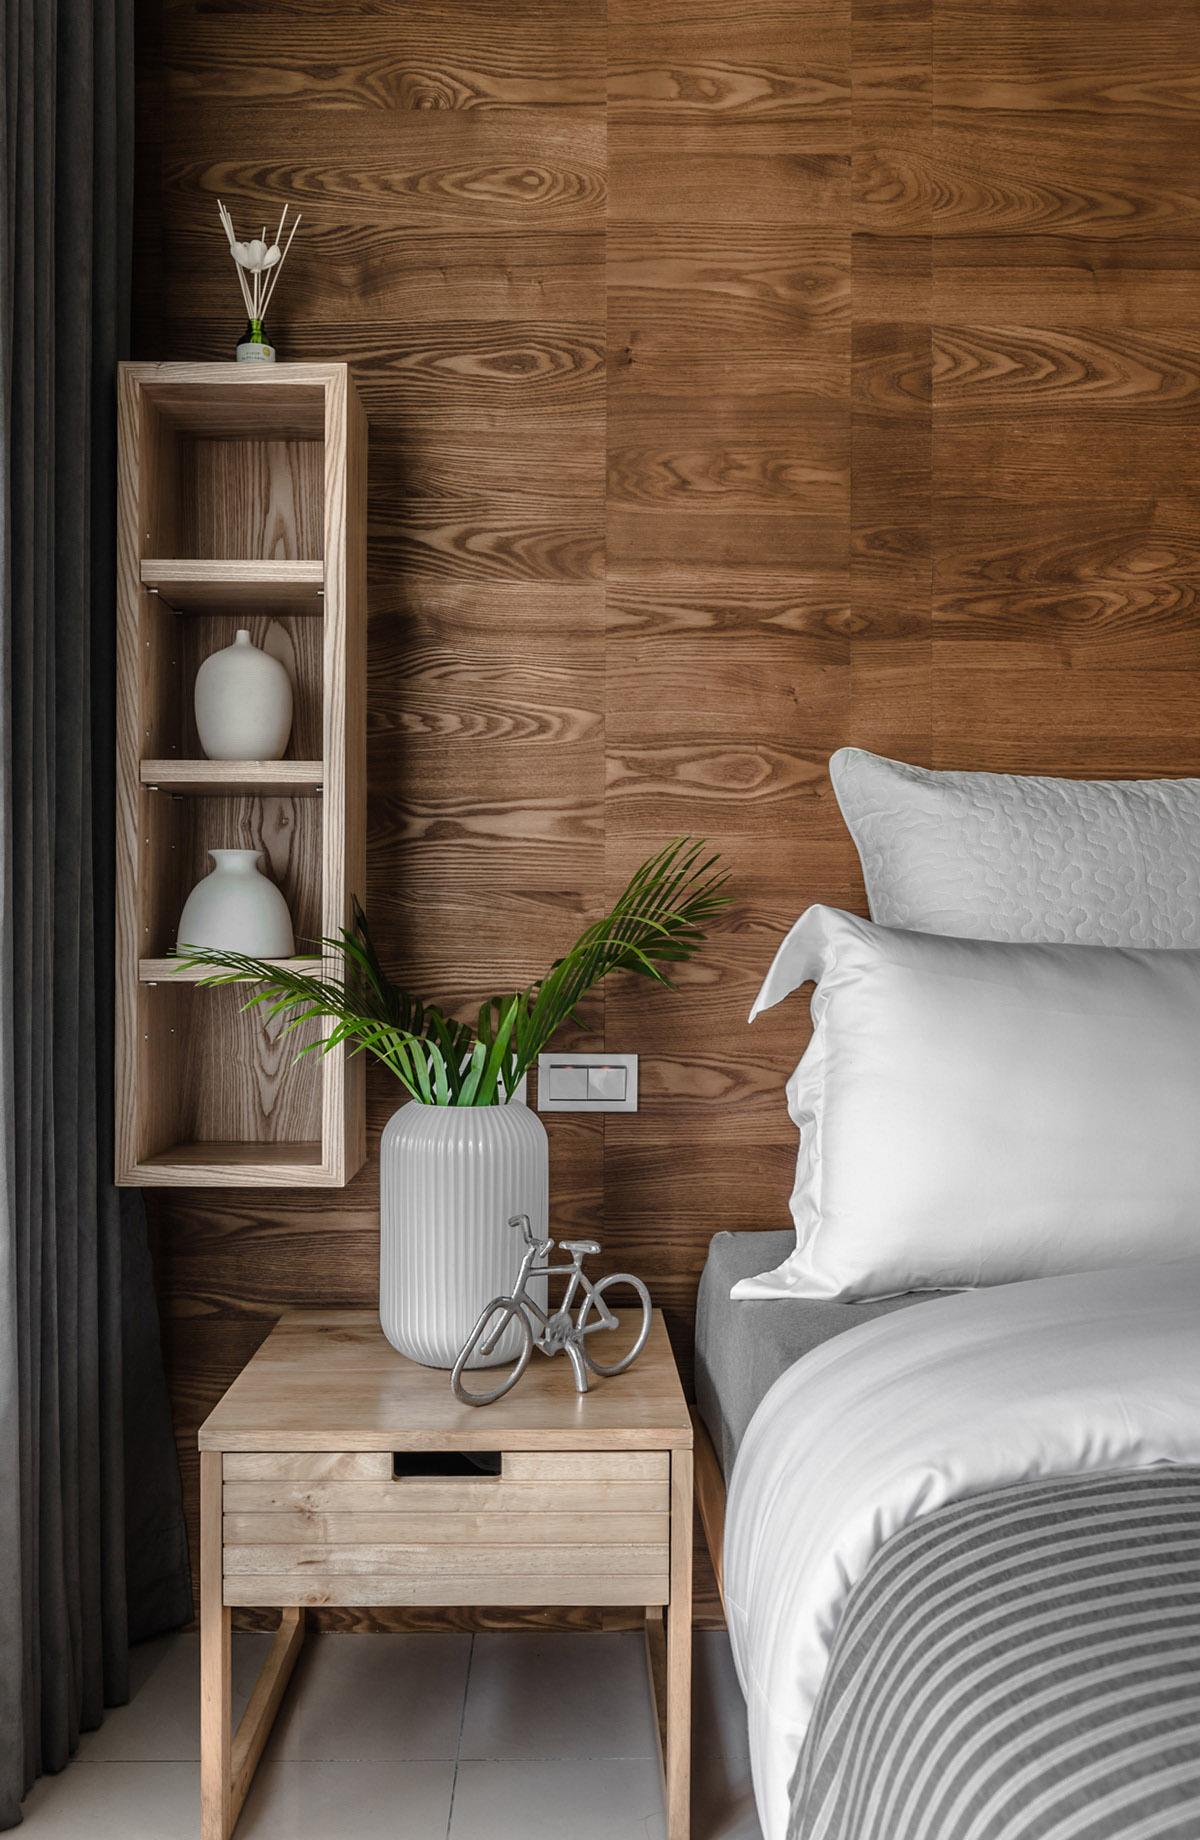 Các ý tưởng về thiết kế nội thất - Wood bedside table